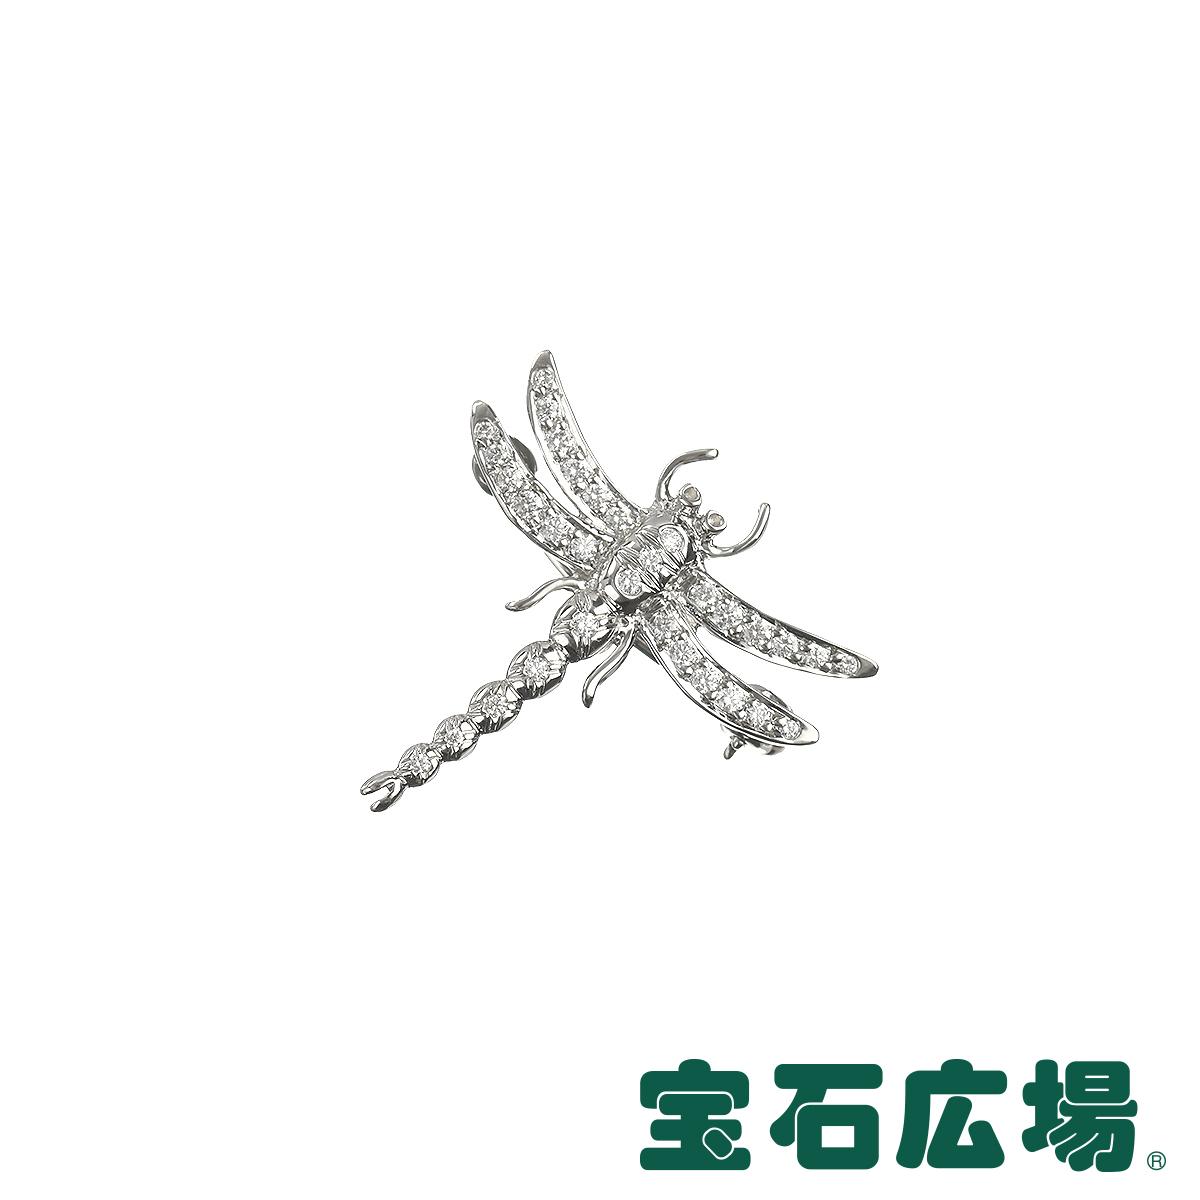 ティファニー TIFFANY&CO ドラゴンフライ ダイヤ ブローチ(ミニ) 【中古】 ジュエリー 送料無料